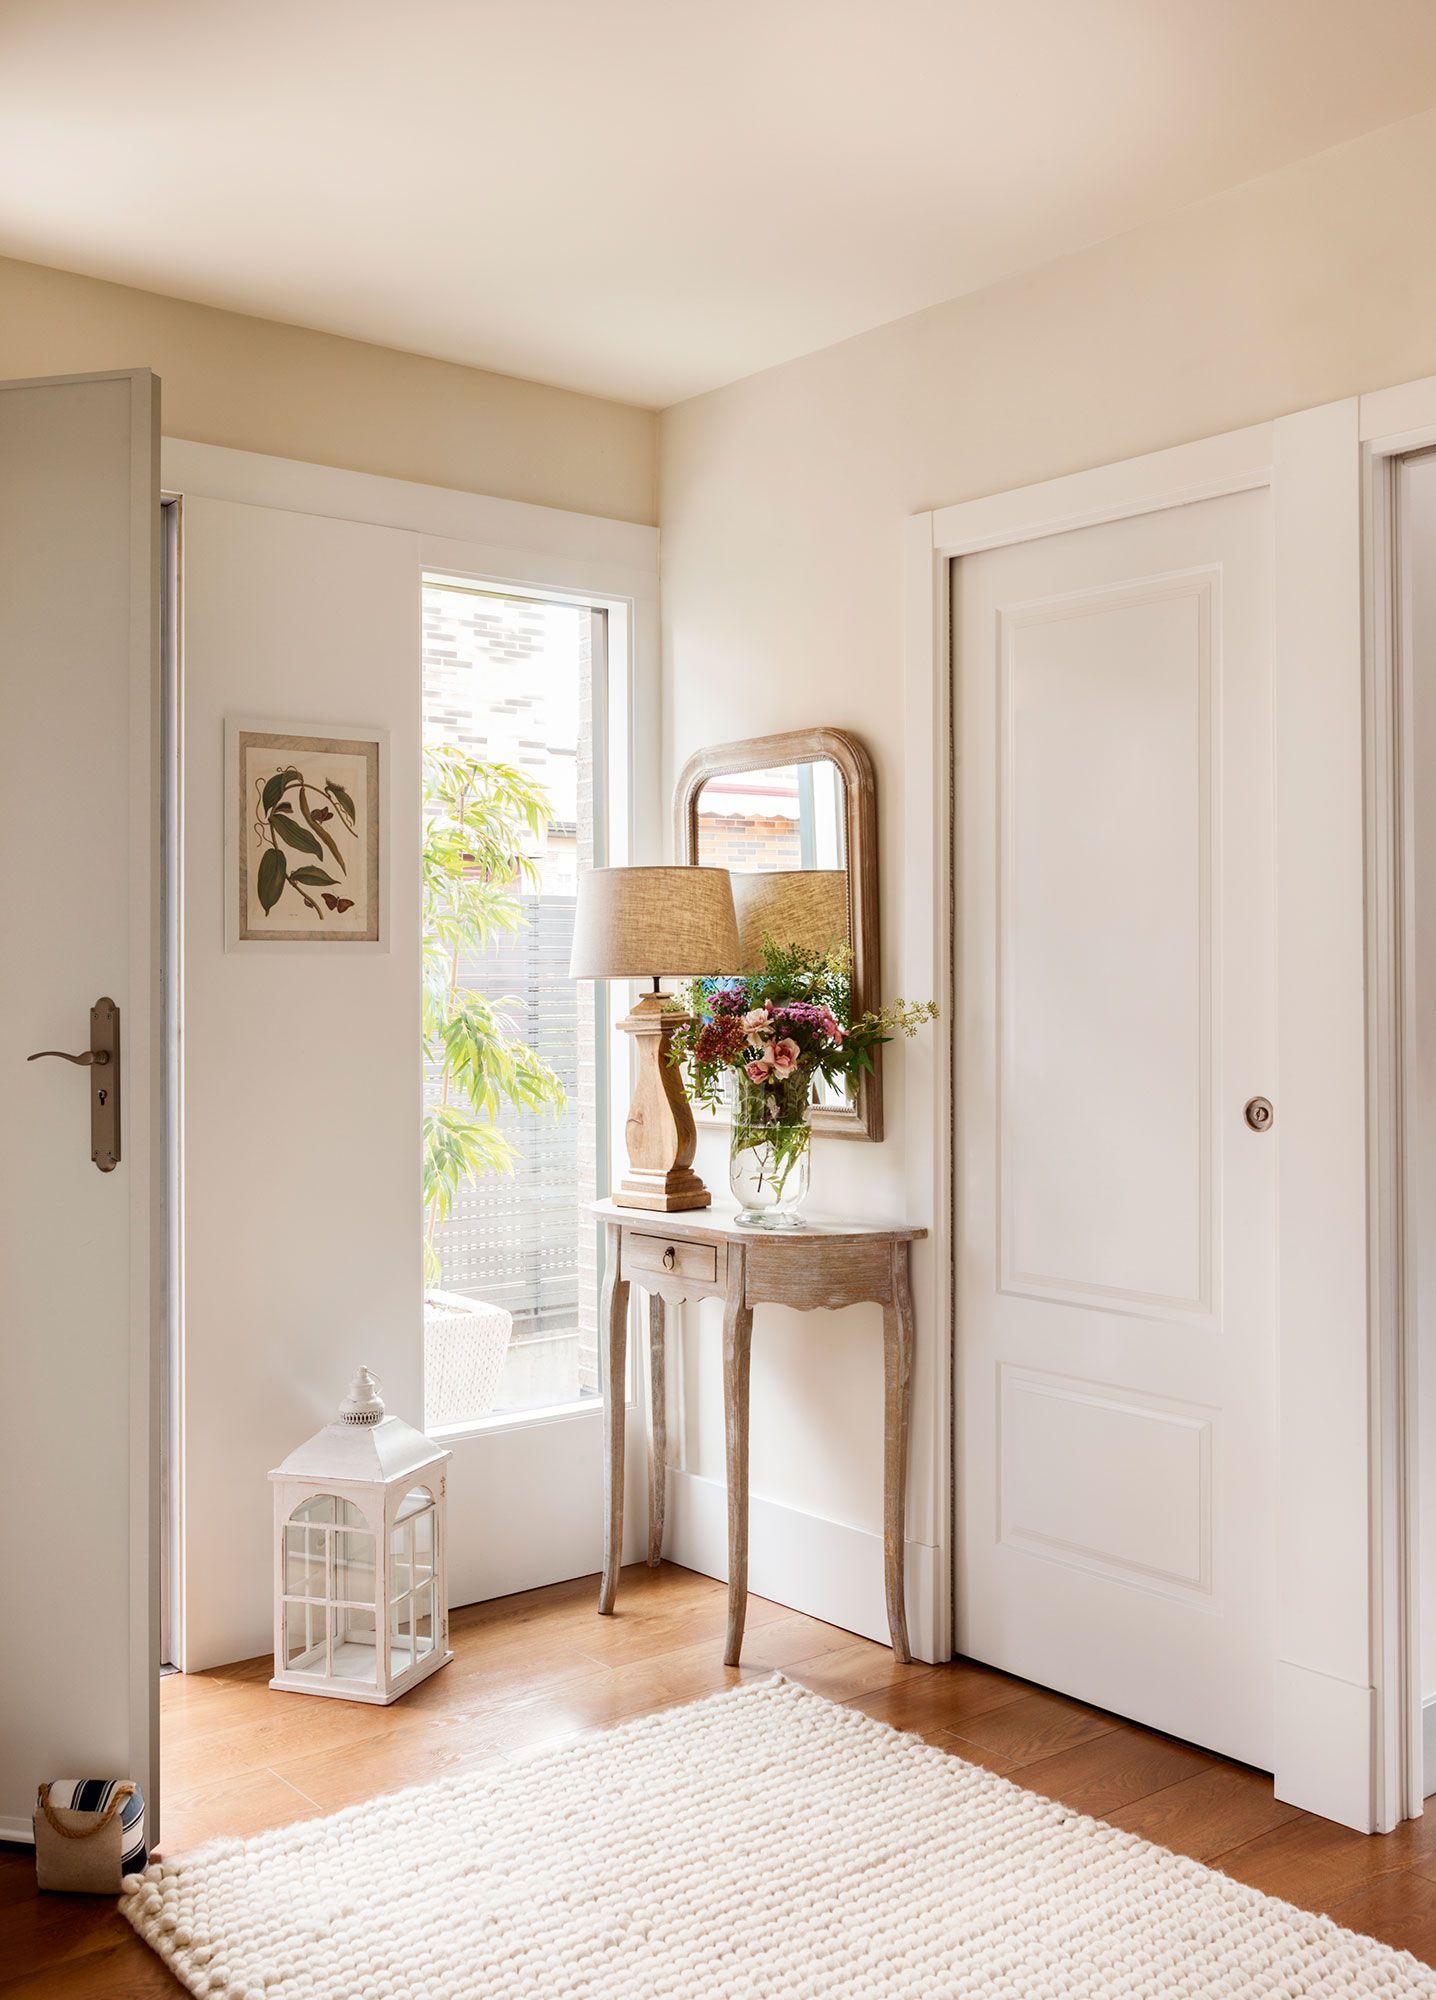 Recibidores y pasillos buenas ideas para decorarlos y - Entraditas pequenas ikea ...